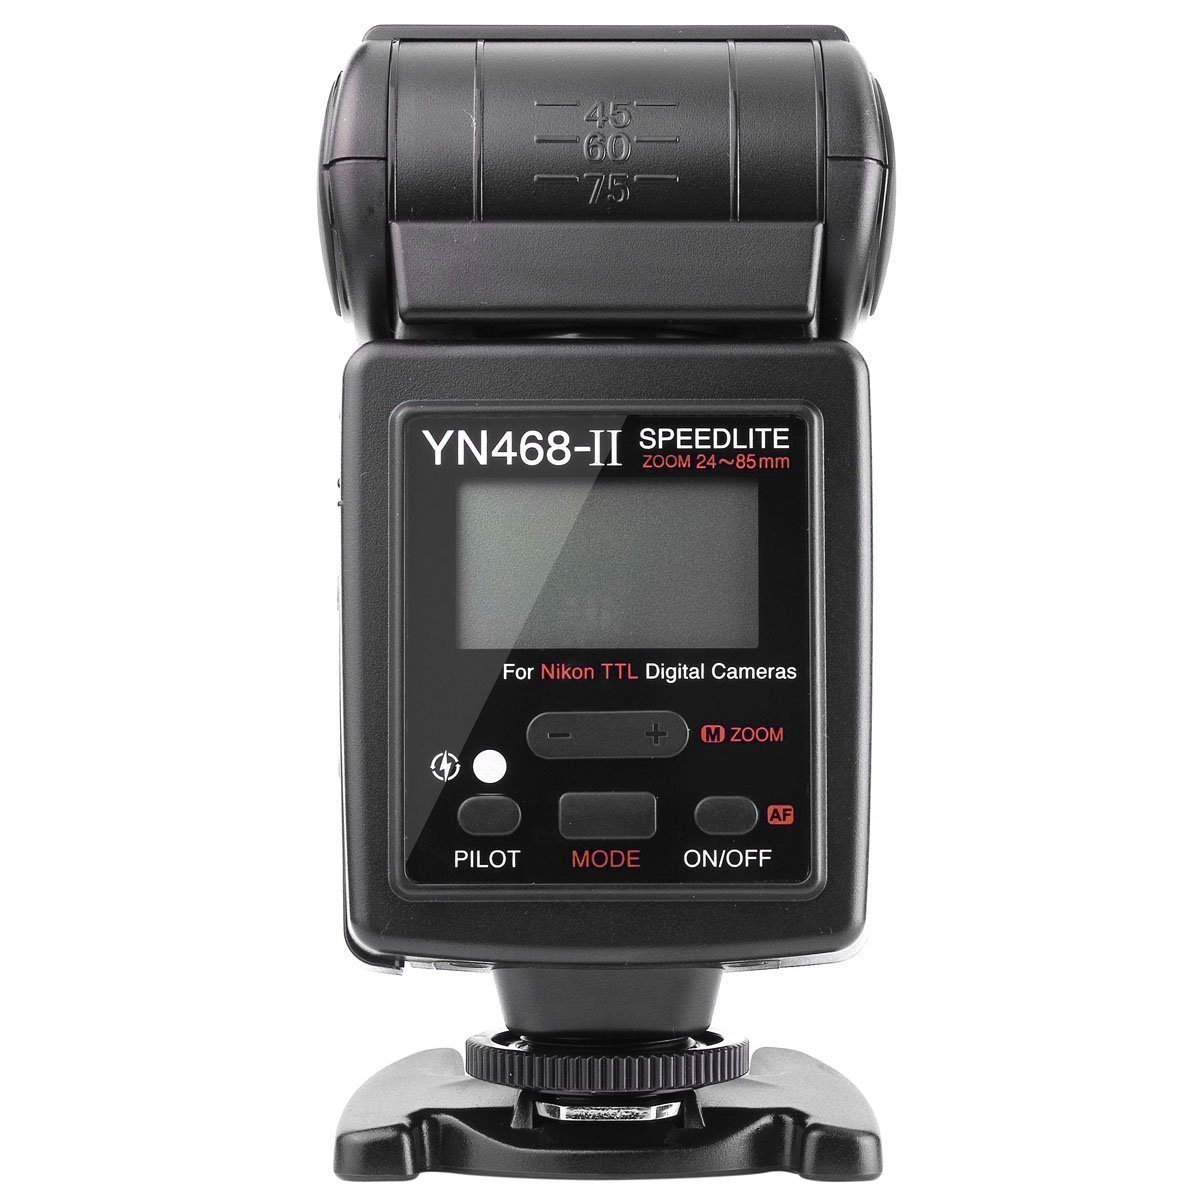 YONGNUO i-TTL Flash Unit Speedlite YN468 II for Nikon D7000 D5000 D5100 D3000 D3100 D300 D300s D200 D90 D80 D70s D60 D40x D40